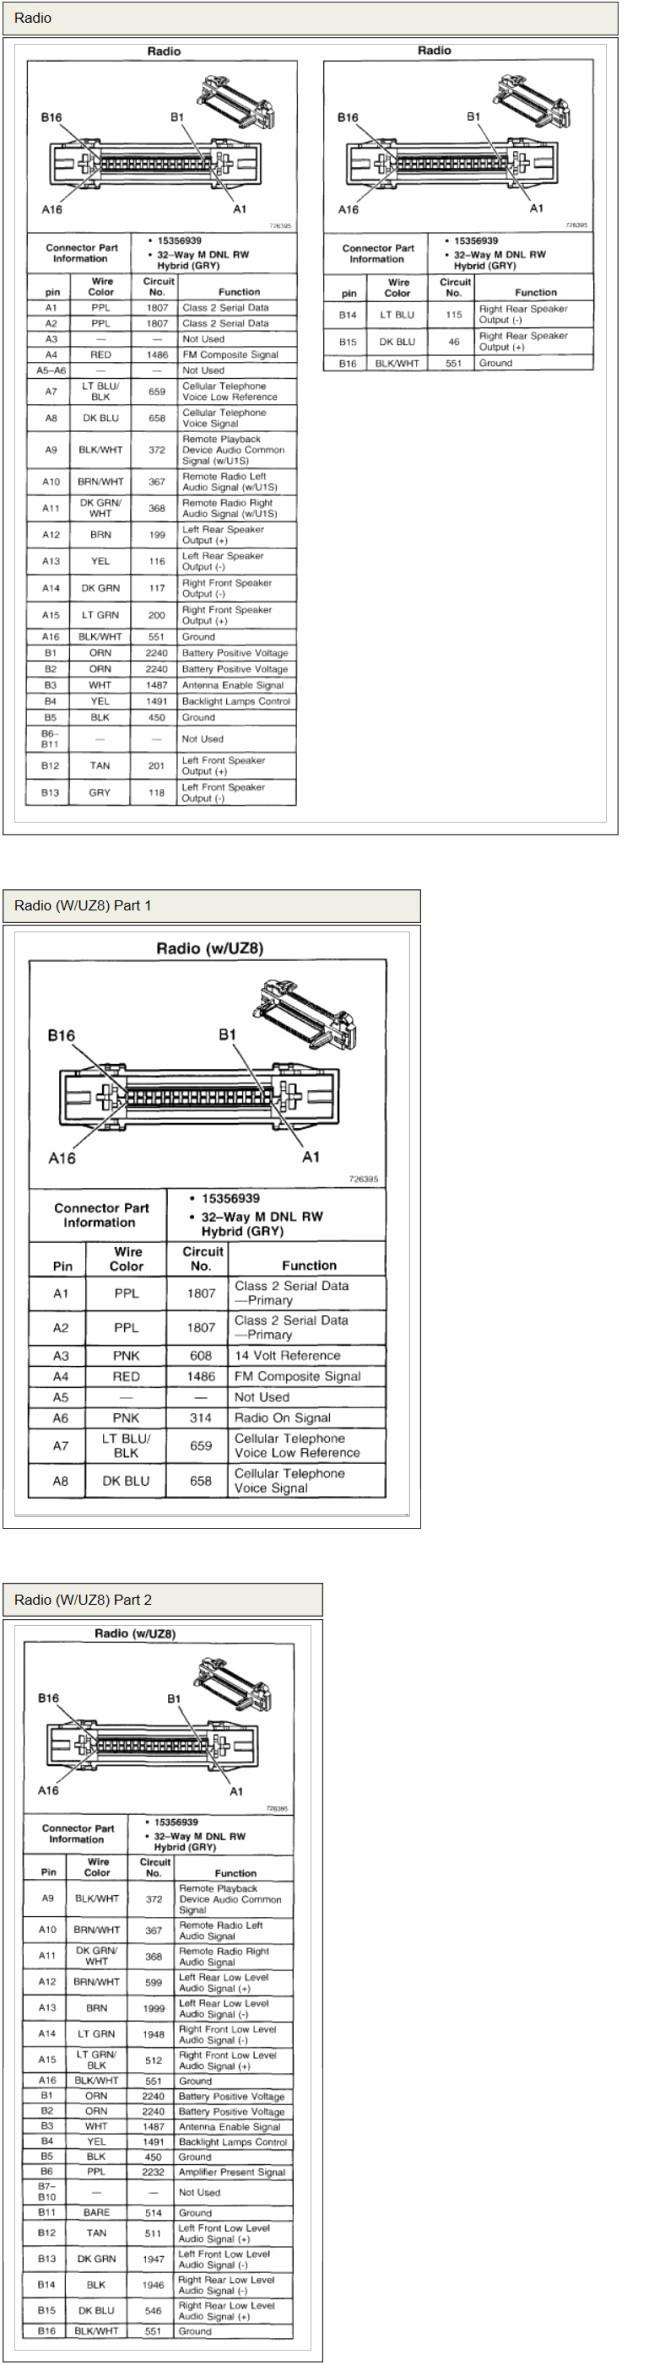 Gmos-04 Wiring Diagram Inspirational   Wiring Diagram Image